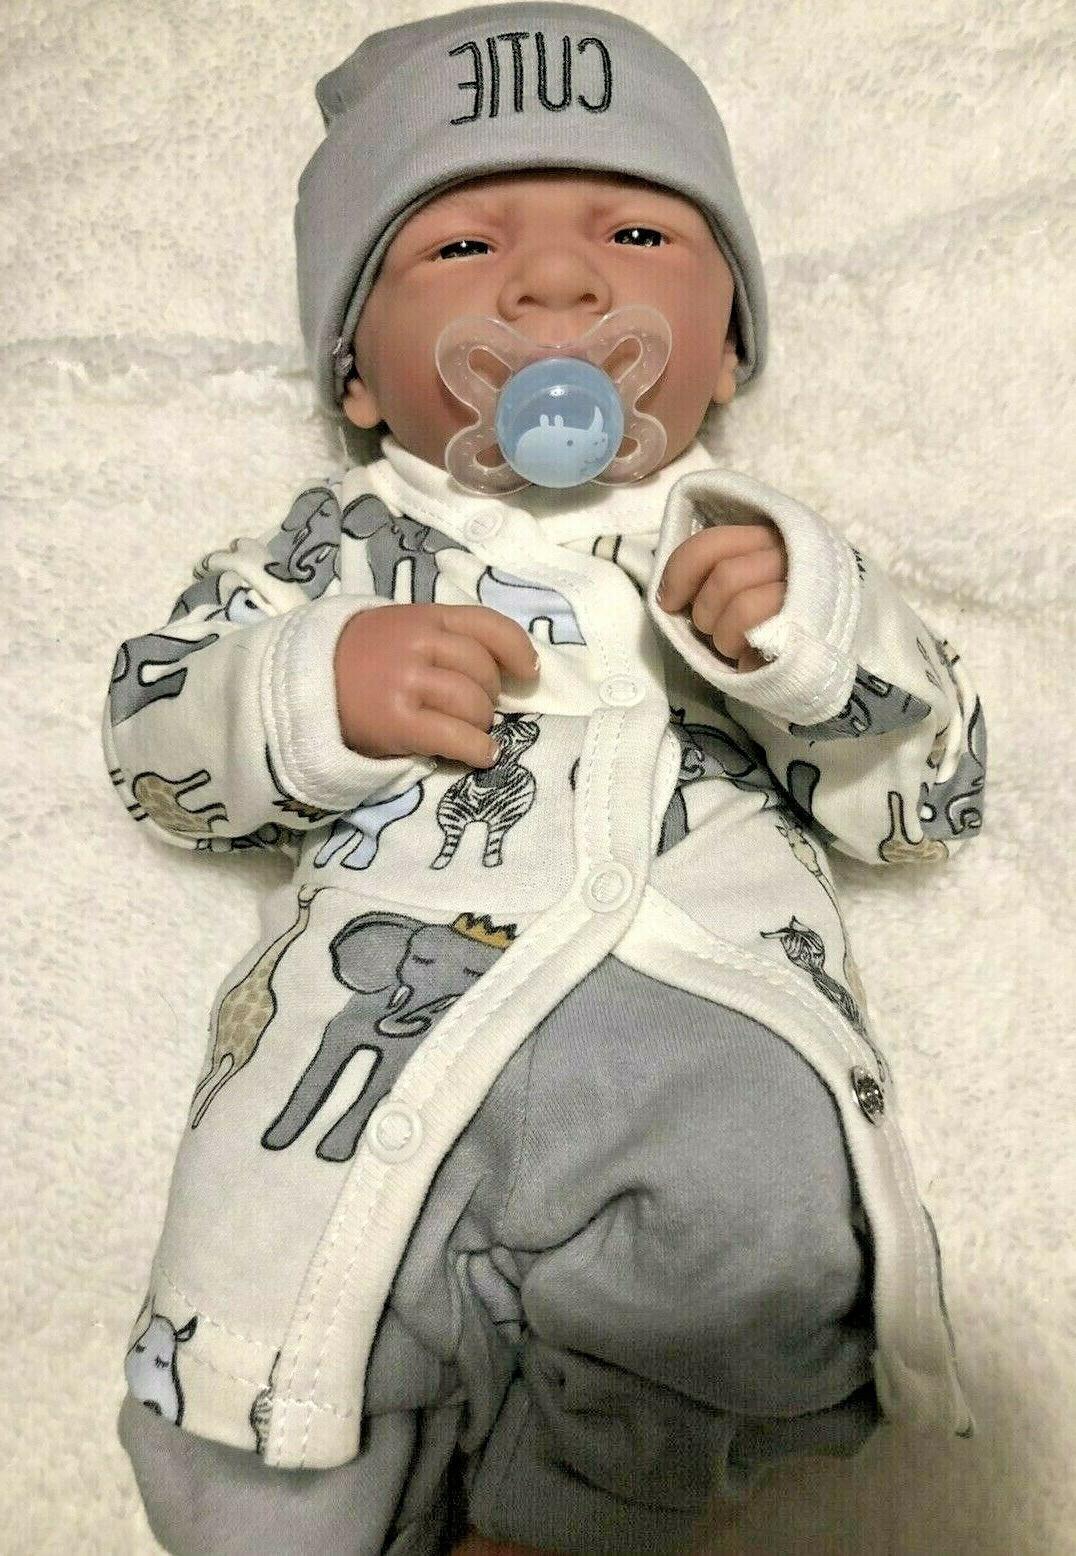 aww baby boy cutie preemie life like